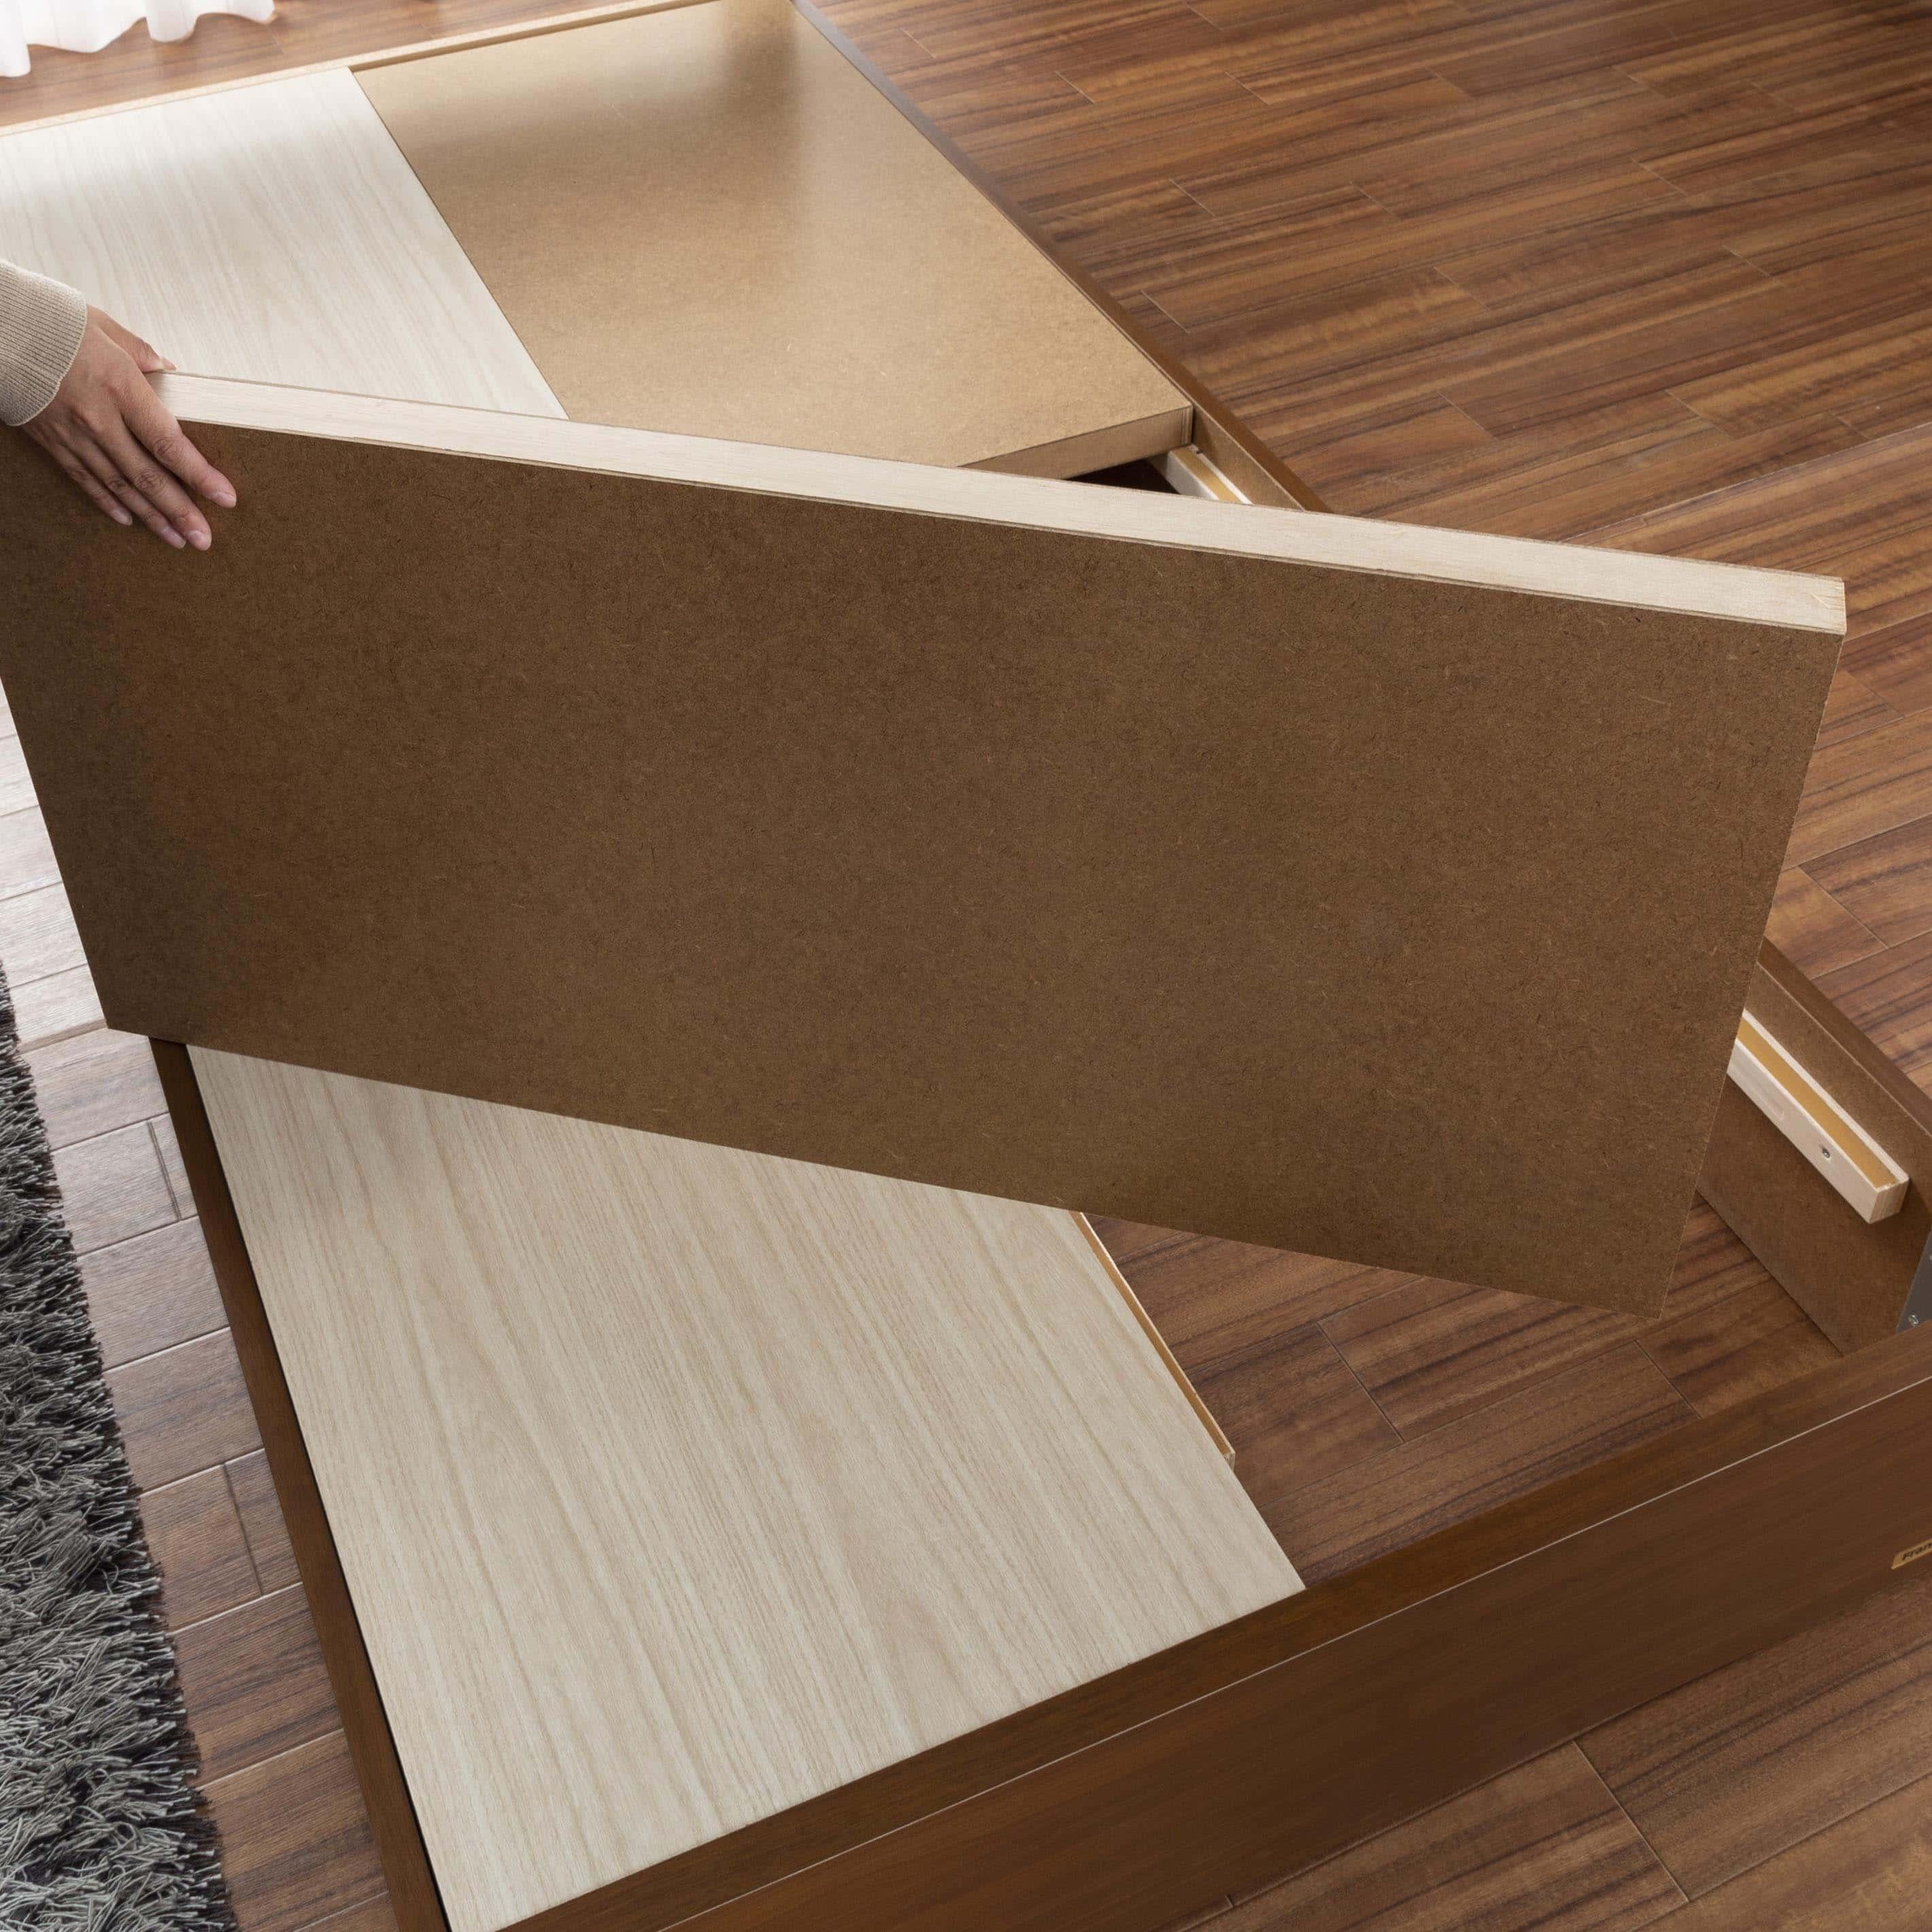 シングルベッド コスモプラス(ペールアンバー)/シルバー800DX3(GY):しっかり安定感のある床板